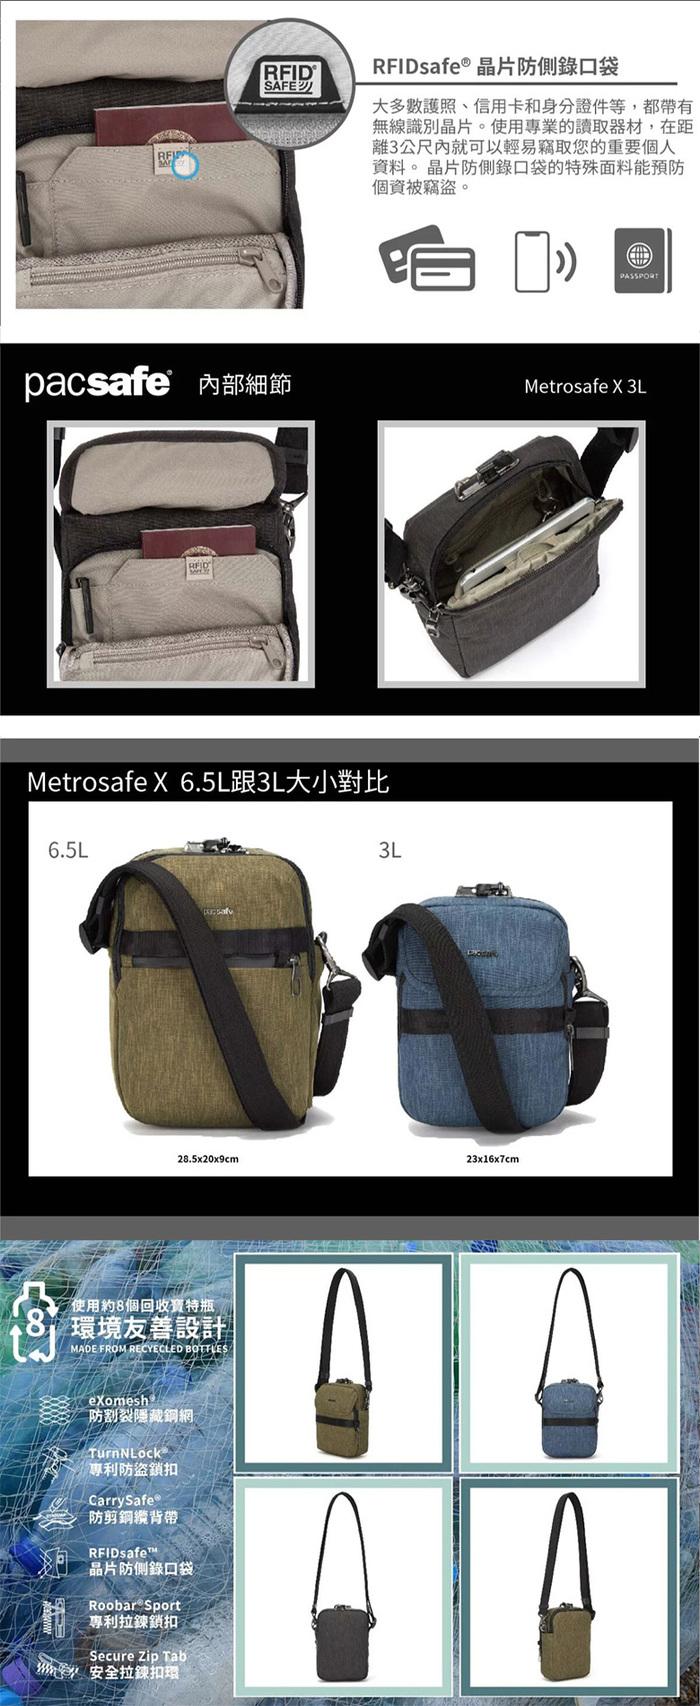 (複製)Pacsafe Metrosafe|都市防盜後背包 LS450(25L)灰色